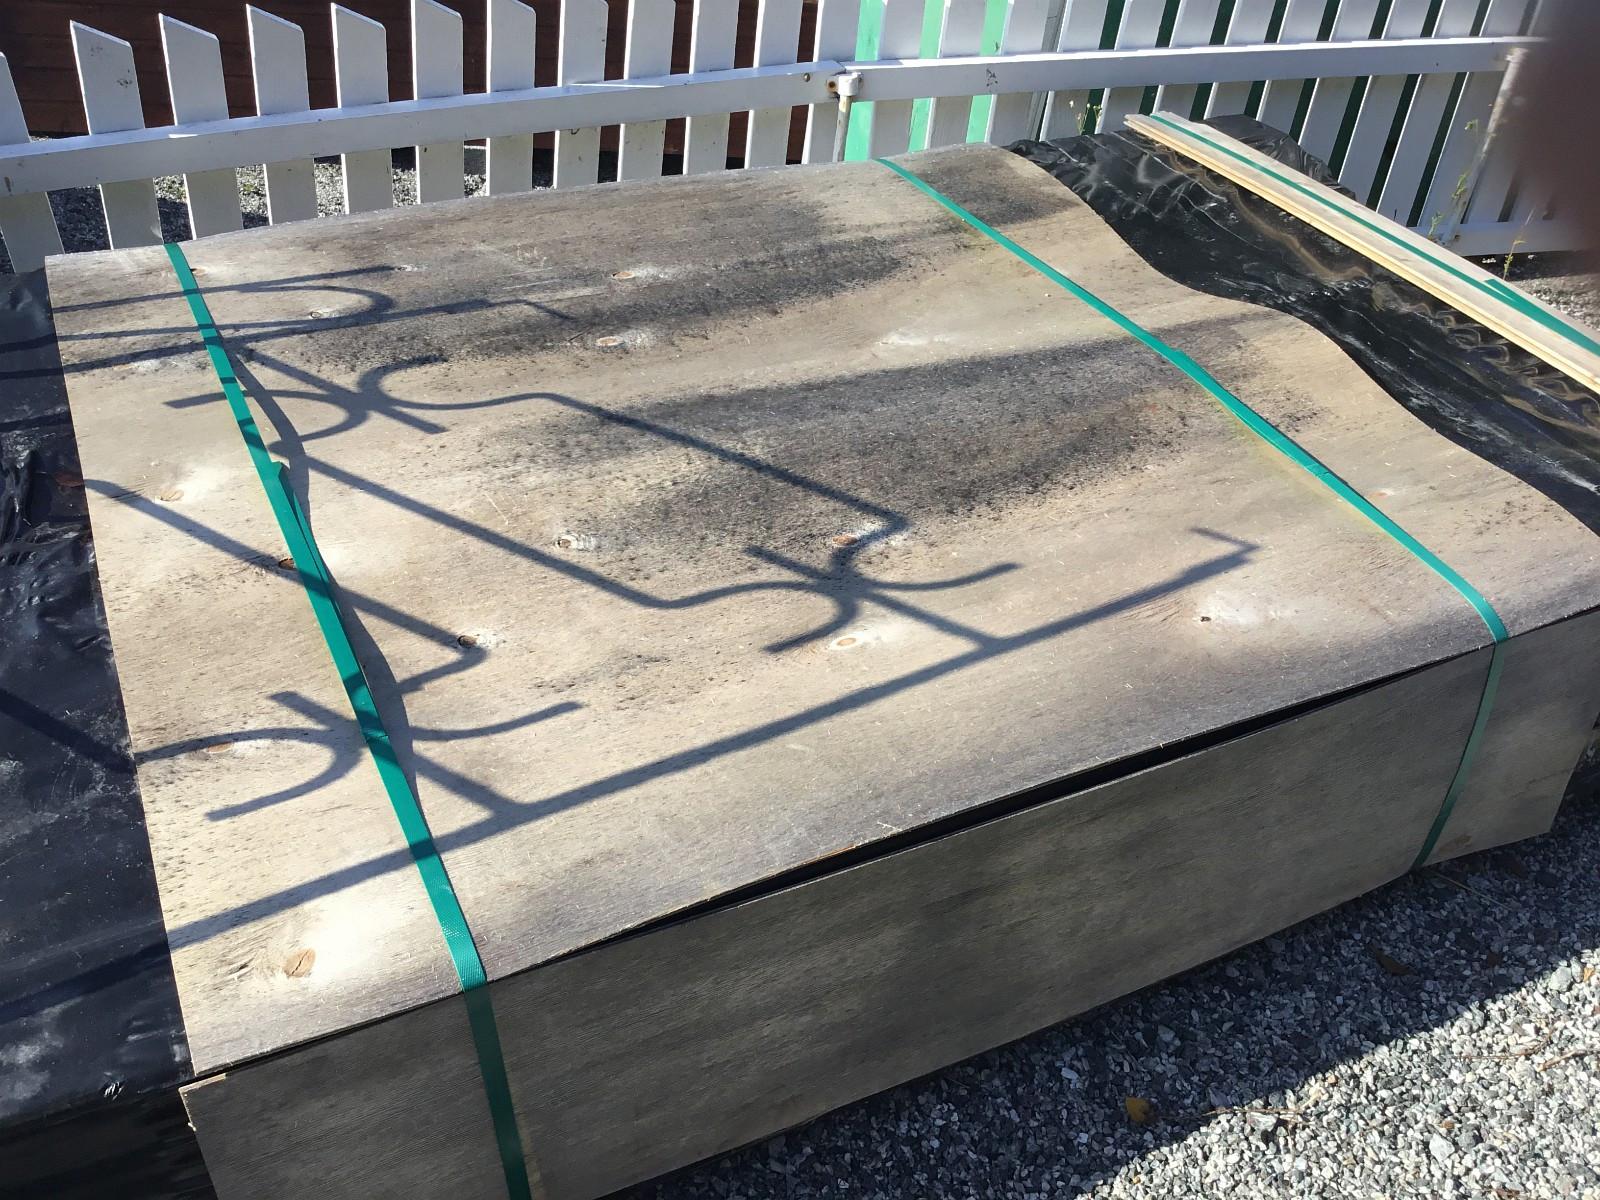 Laftebod - Rong  - 2.2 m2 bod selges ,to vinduer i front.Bruksanvisning ligger i kassen. - Rong